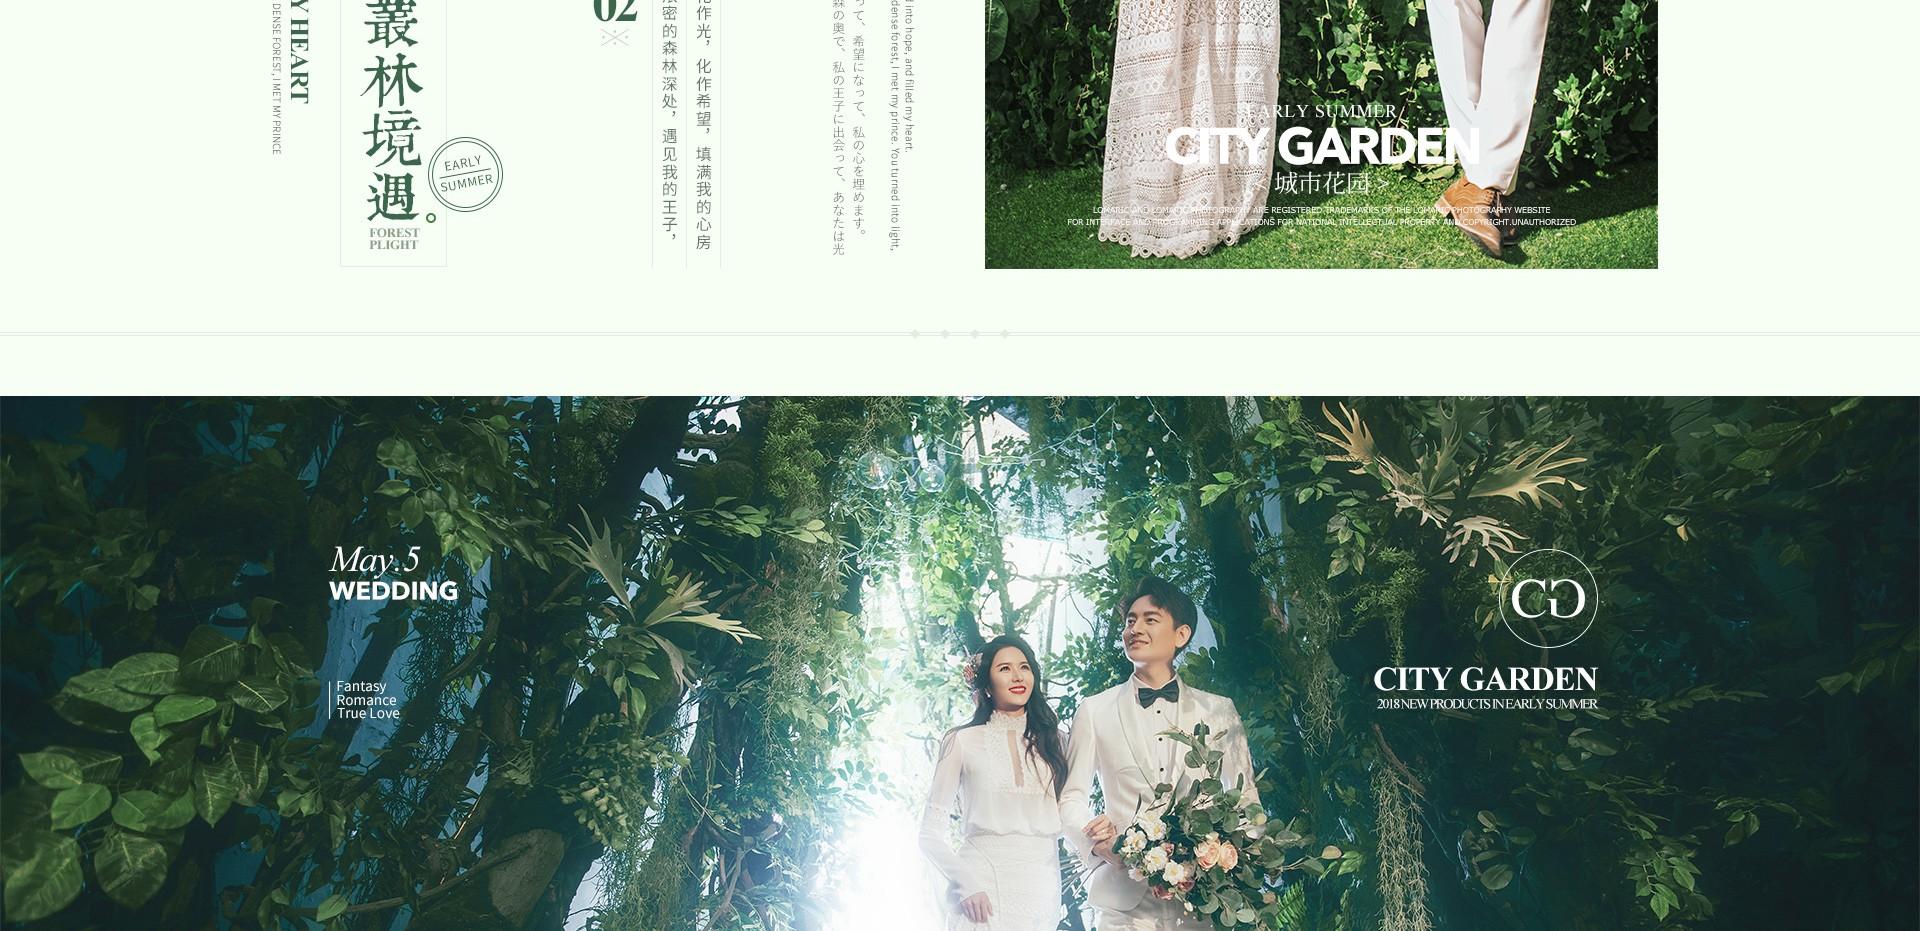 城市花园专题页设计5_07.jpg